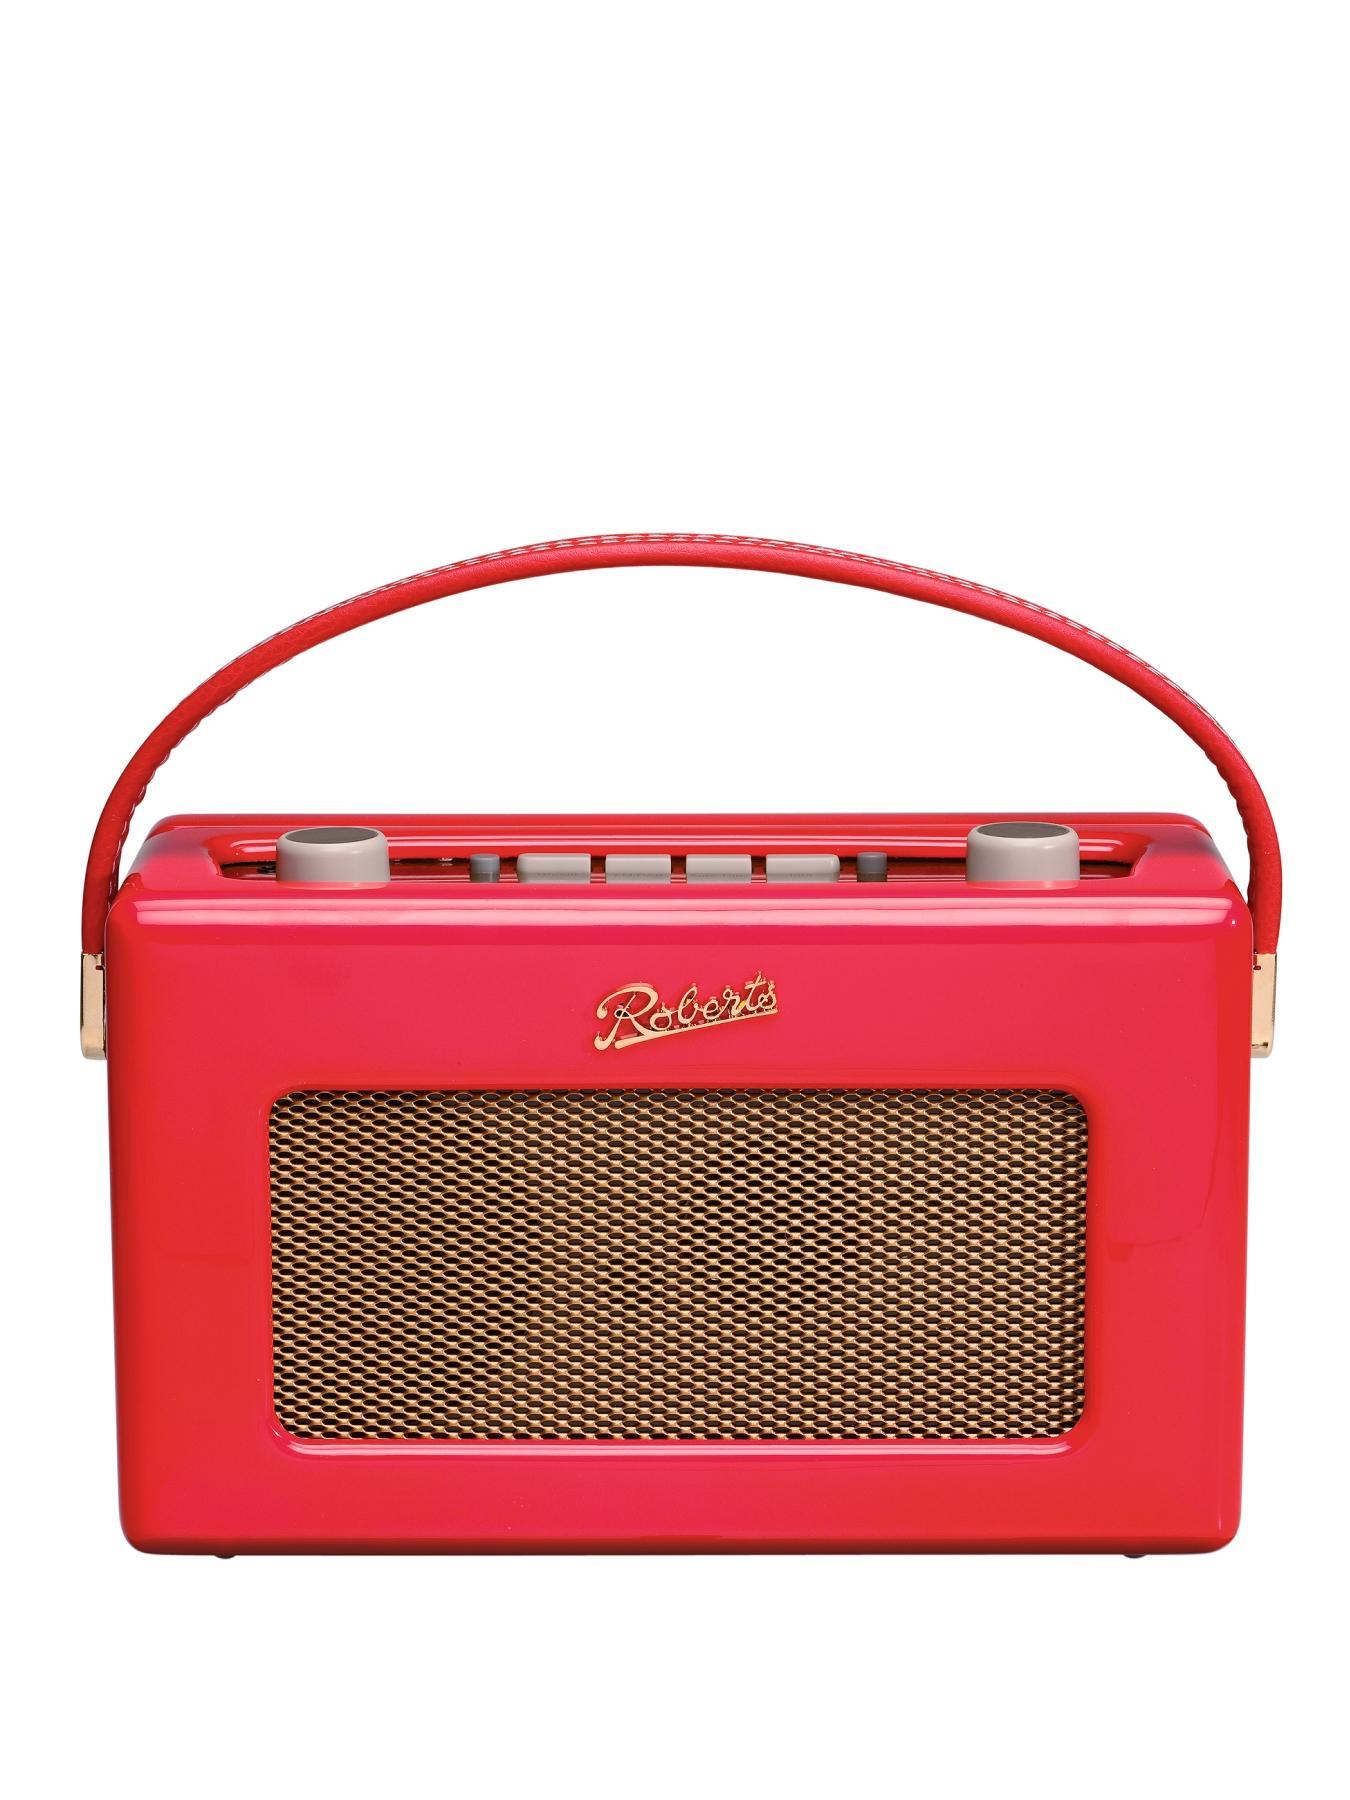 Roberts DAB Revival Gloss Radio - Red